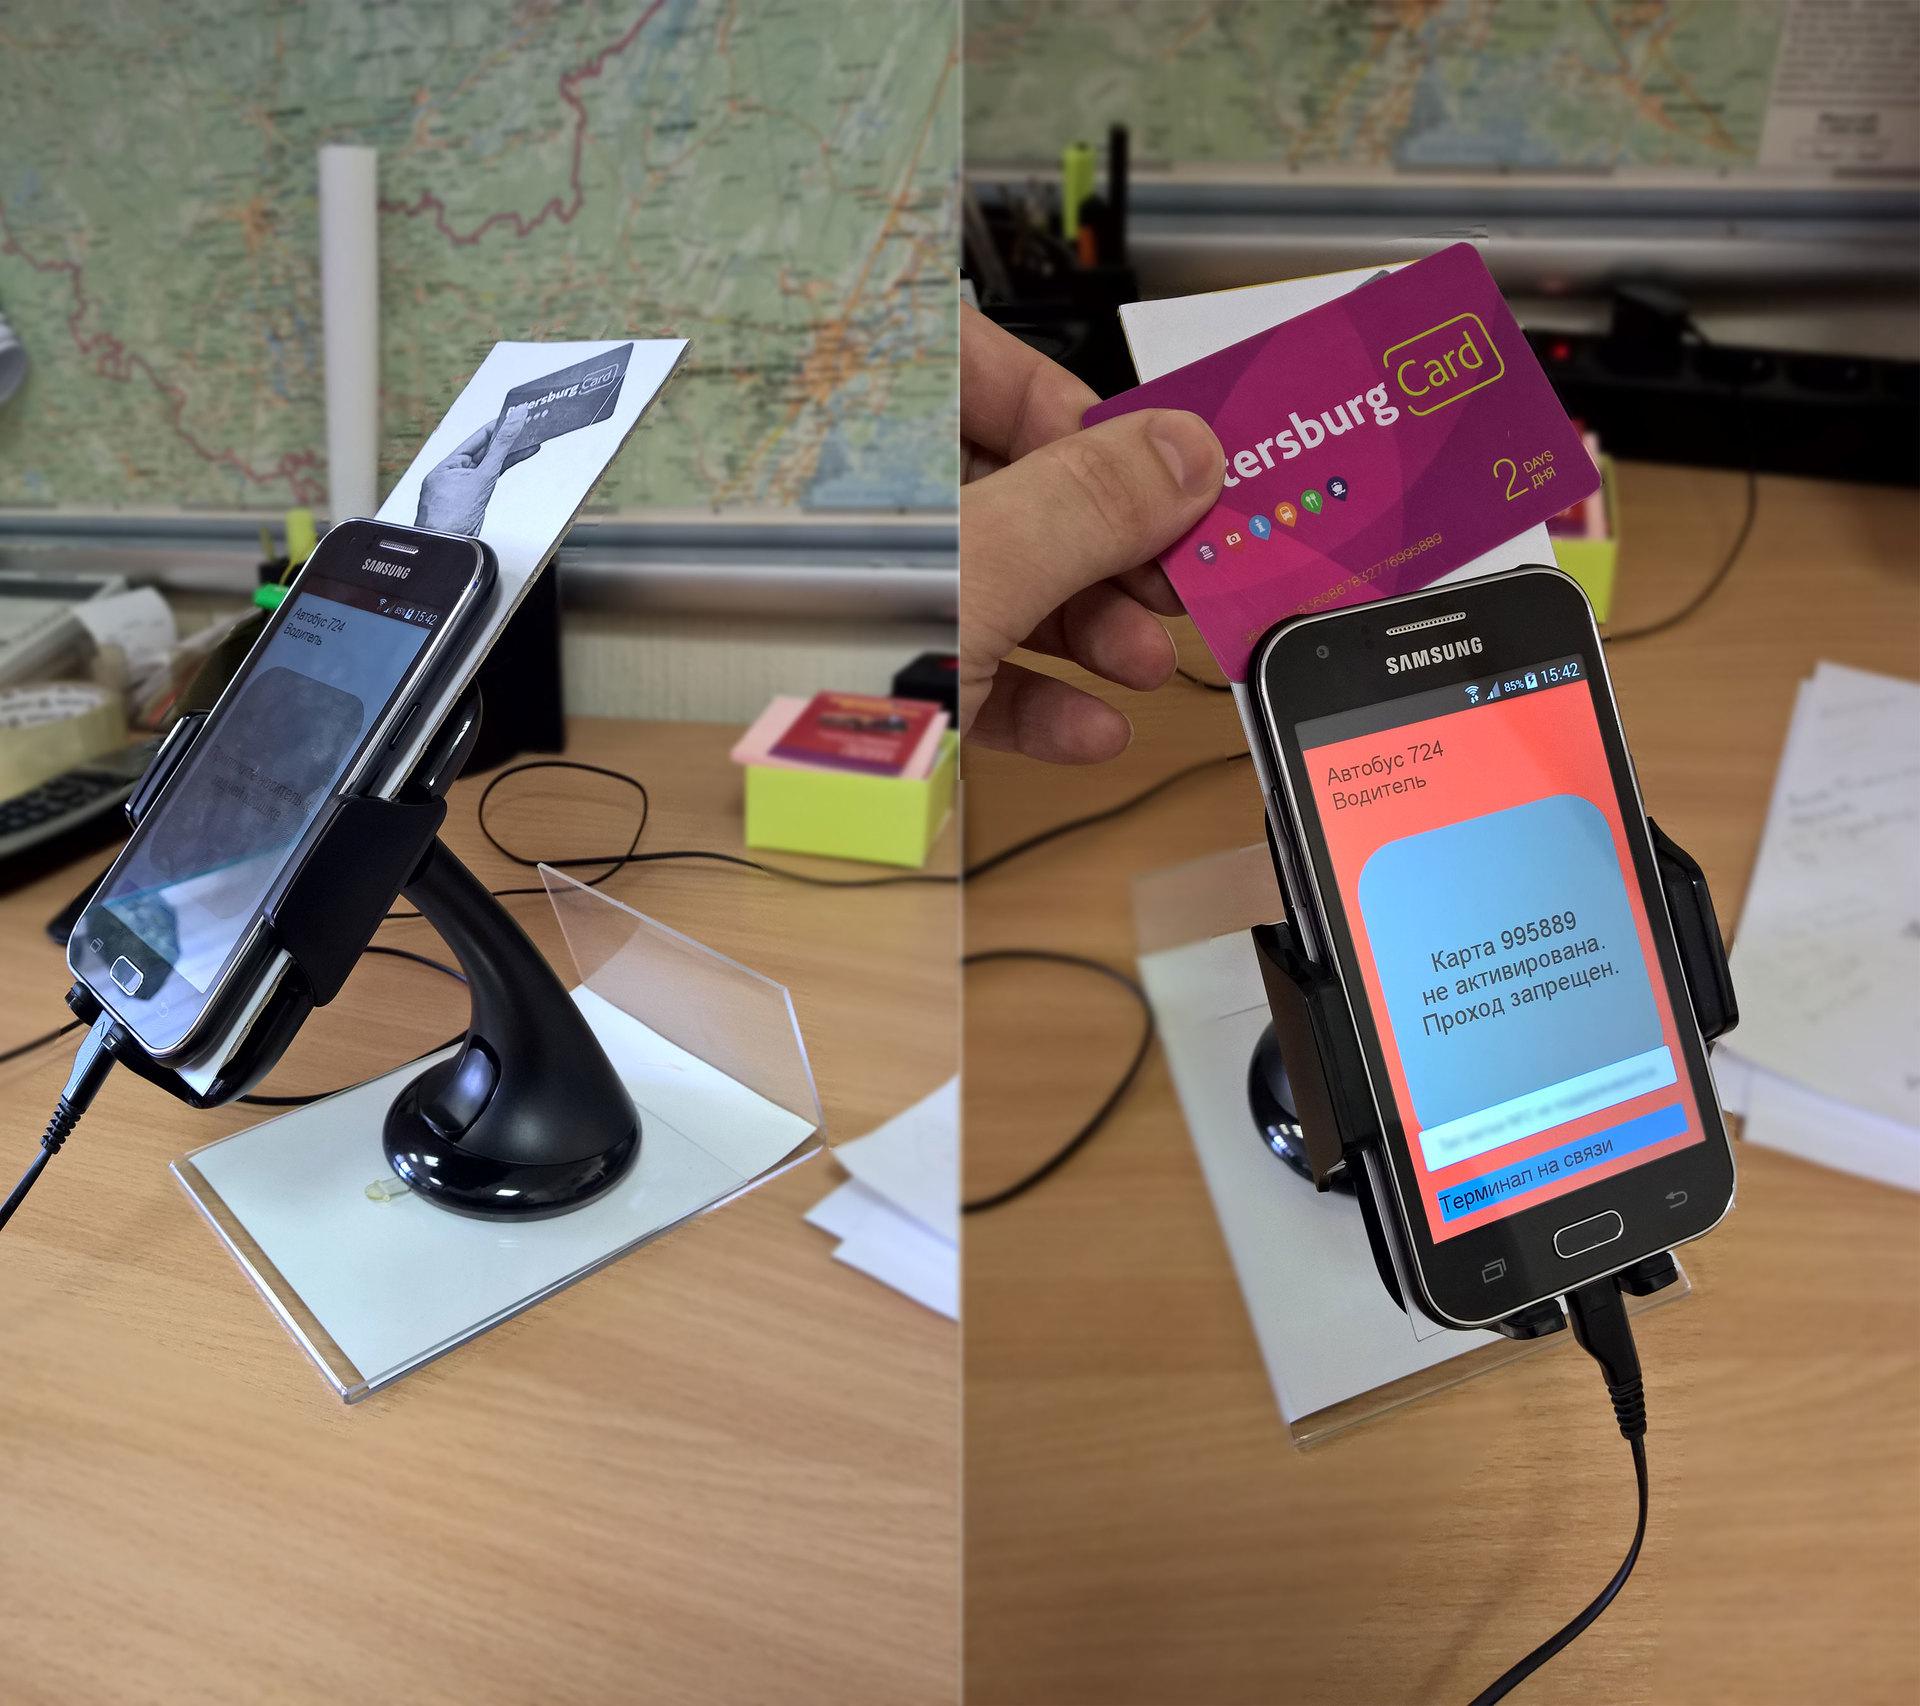 Пассивная NFC-планка для удобного считывания карт смартфоном - 3